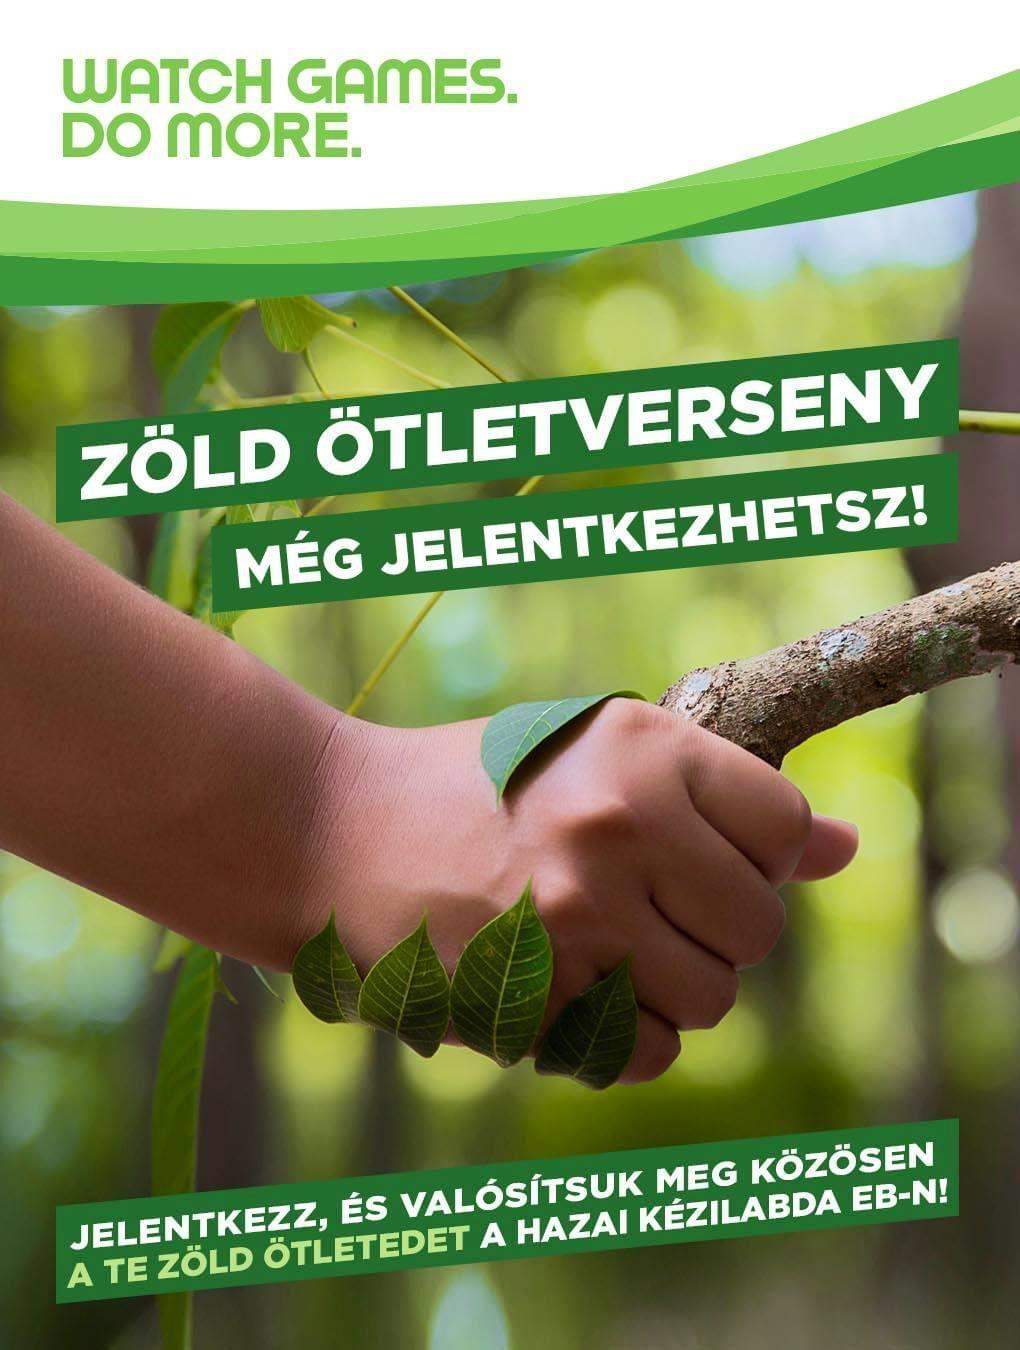 Egy zöldebb férfi kézilabda Eb-ért